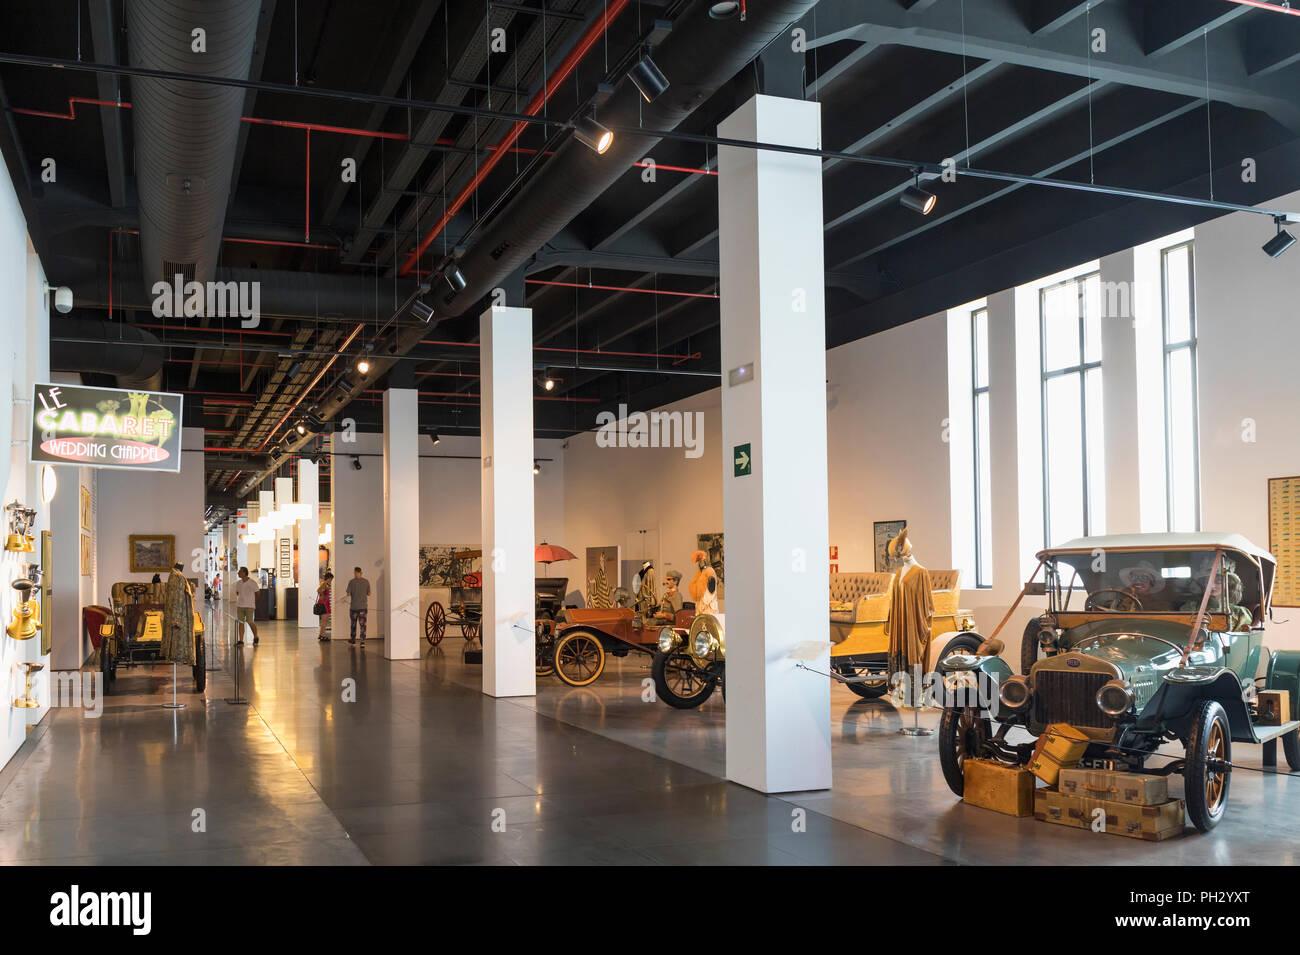 Museo automovilistico y de la Moda, Málaga, provincia de Málaga, España. Museo del Automóvil y de la moda. Parte de la pantalla. Imagen De Stock